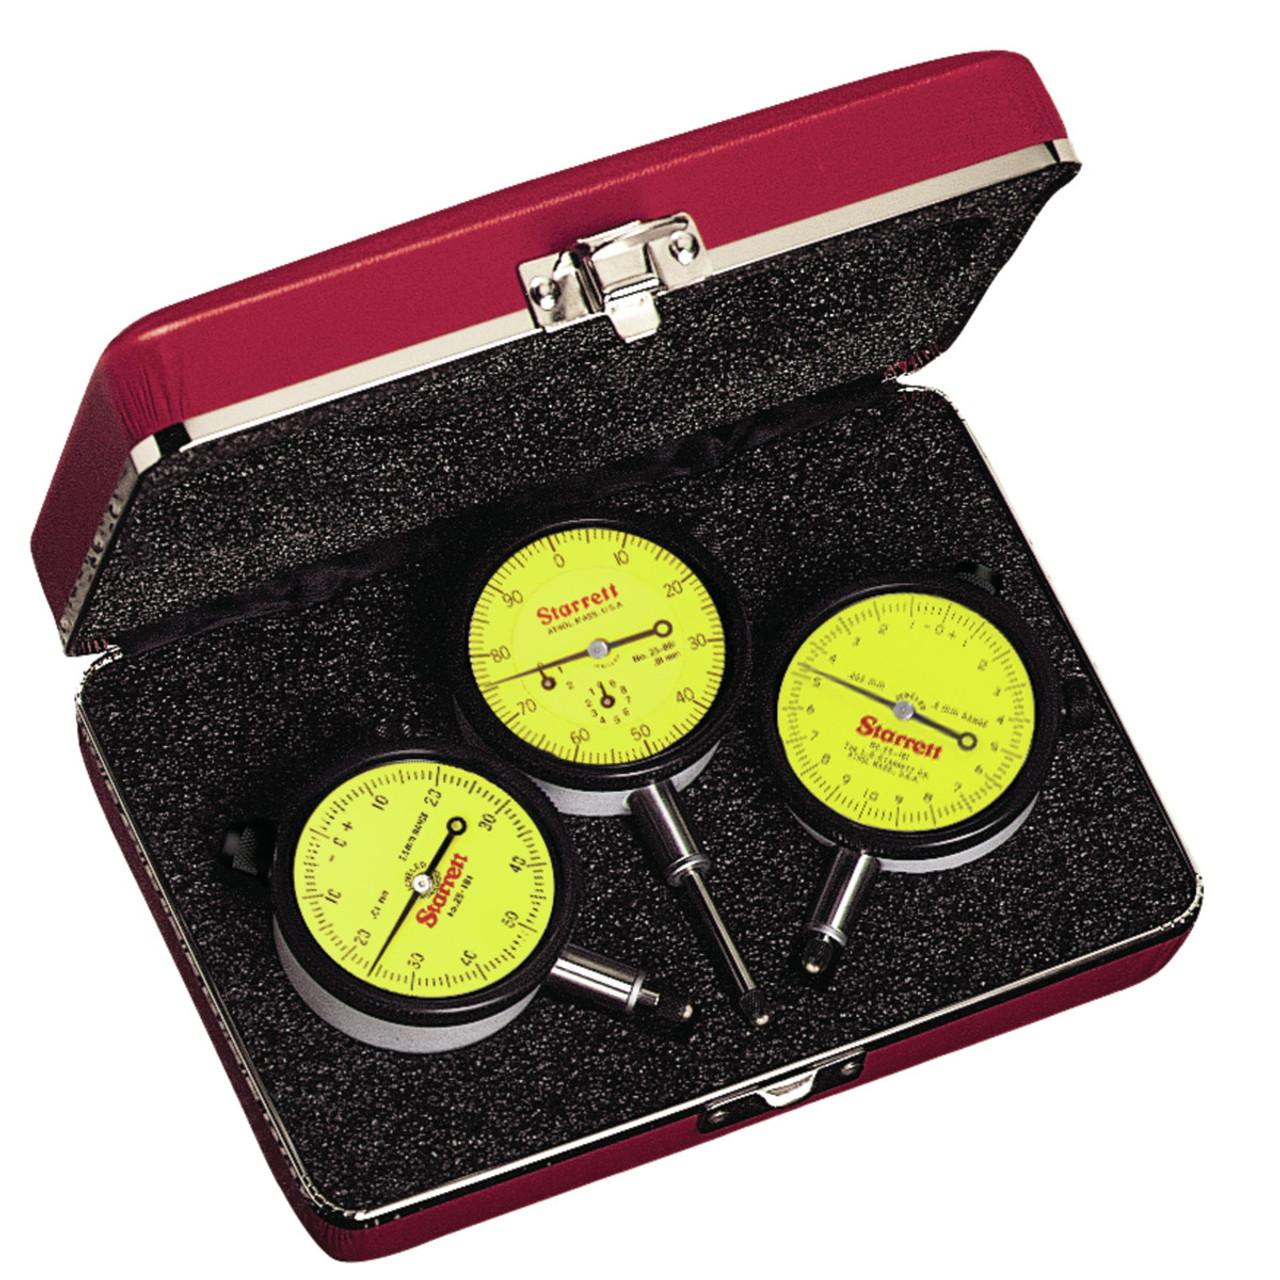 hight resolution of  s253mz edp 56283 set of 3 metric dial indicators mercado regal